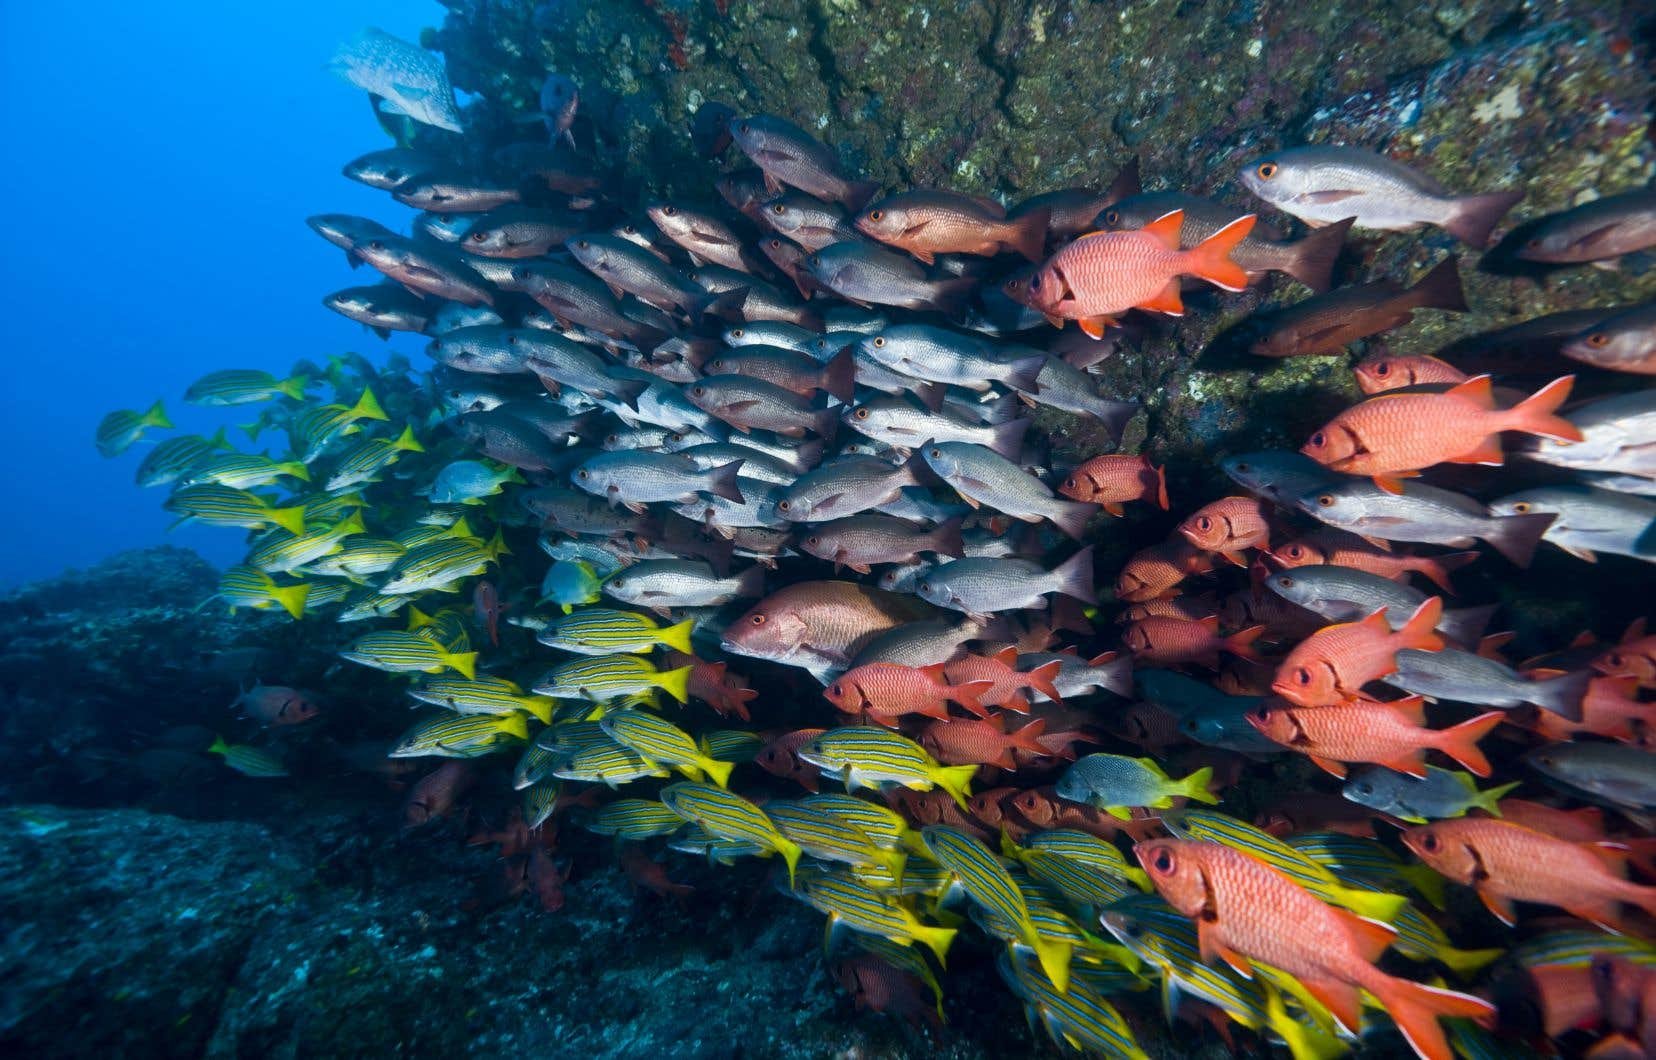 Les poissons font les frais des manquements cumulés à tous les maillons du réseau trophique.